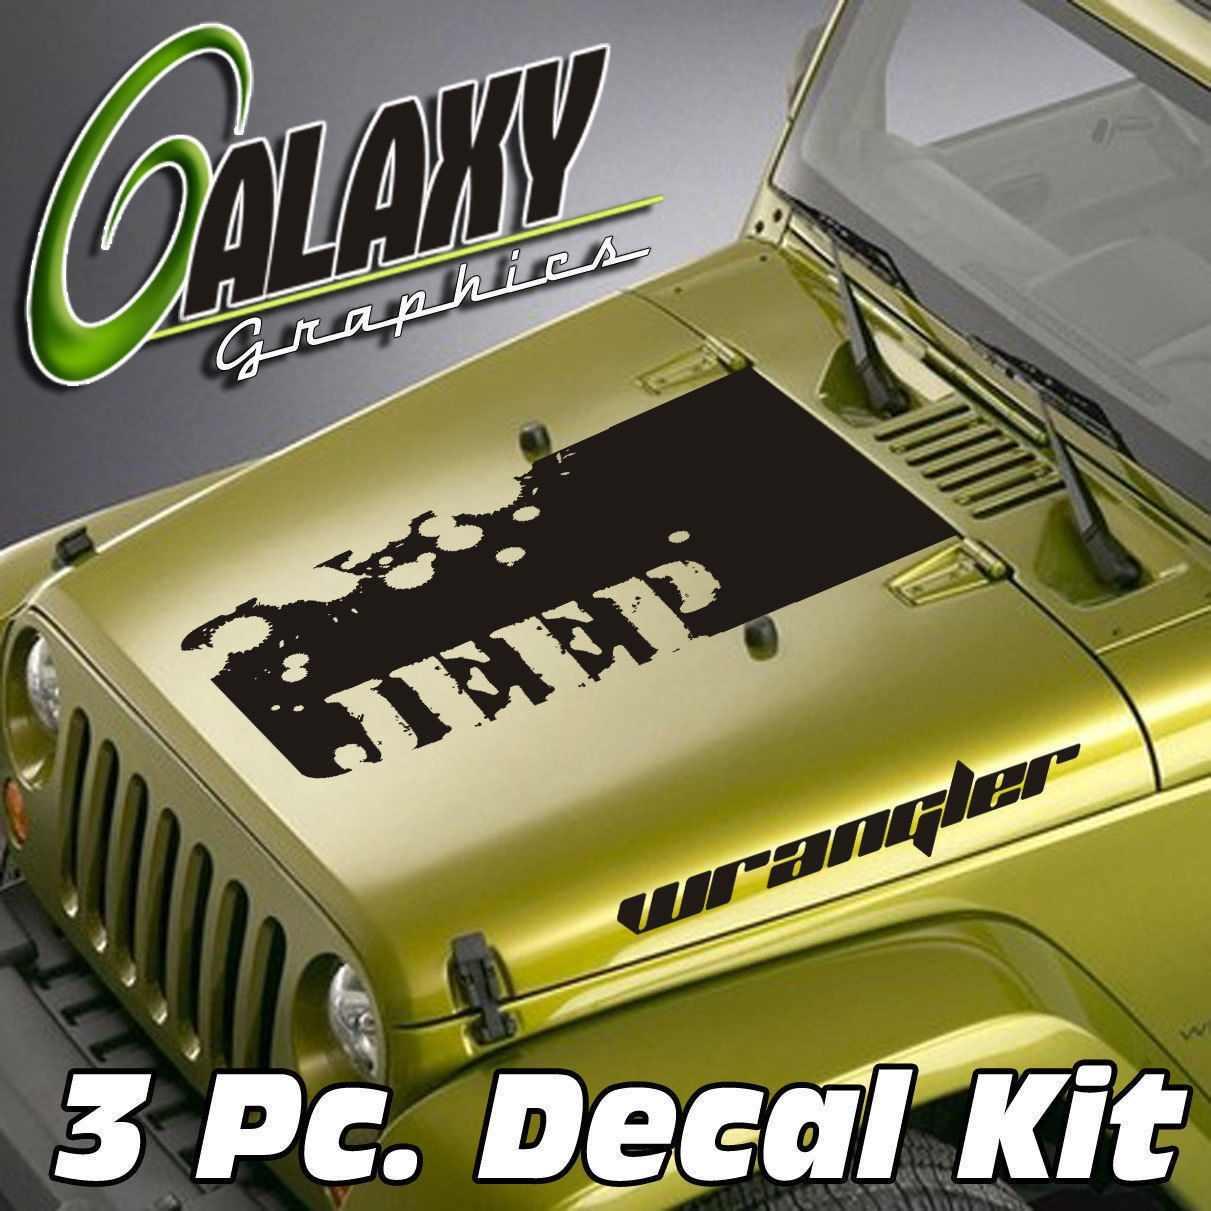 For Universal Wrangler 3 Pc  Blackout Hood Decal Kit #2 - Vinyl Sticker TJ  LJ JK